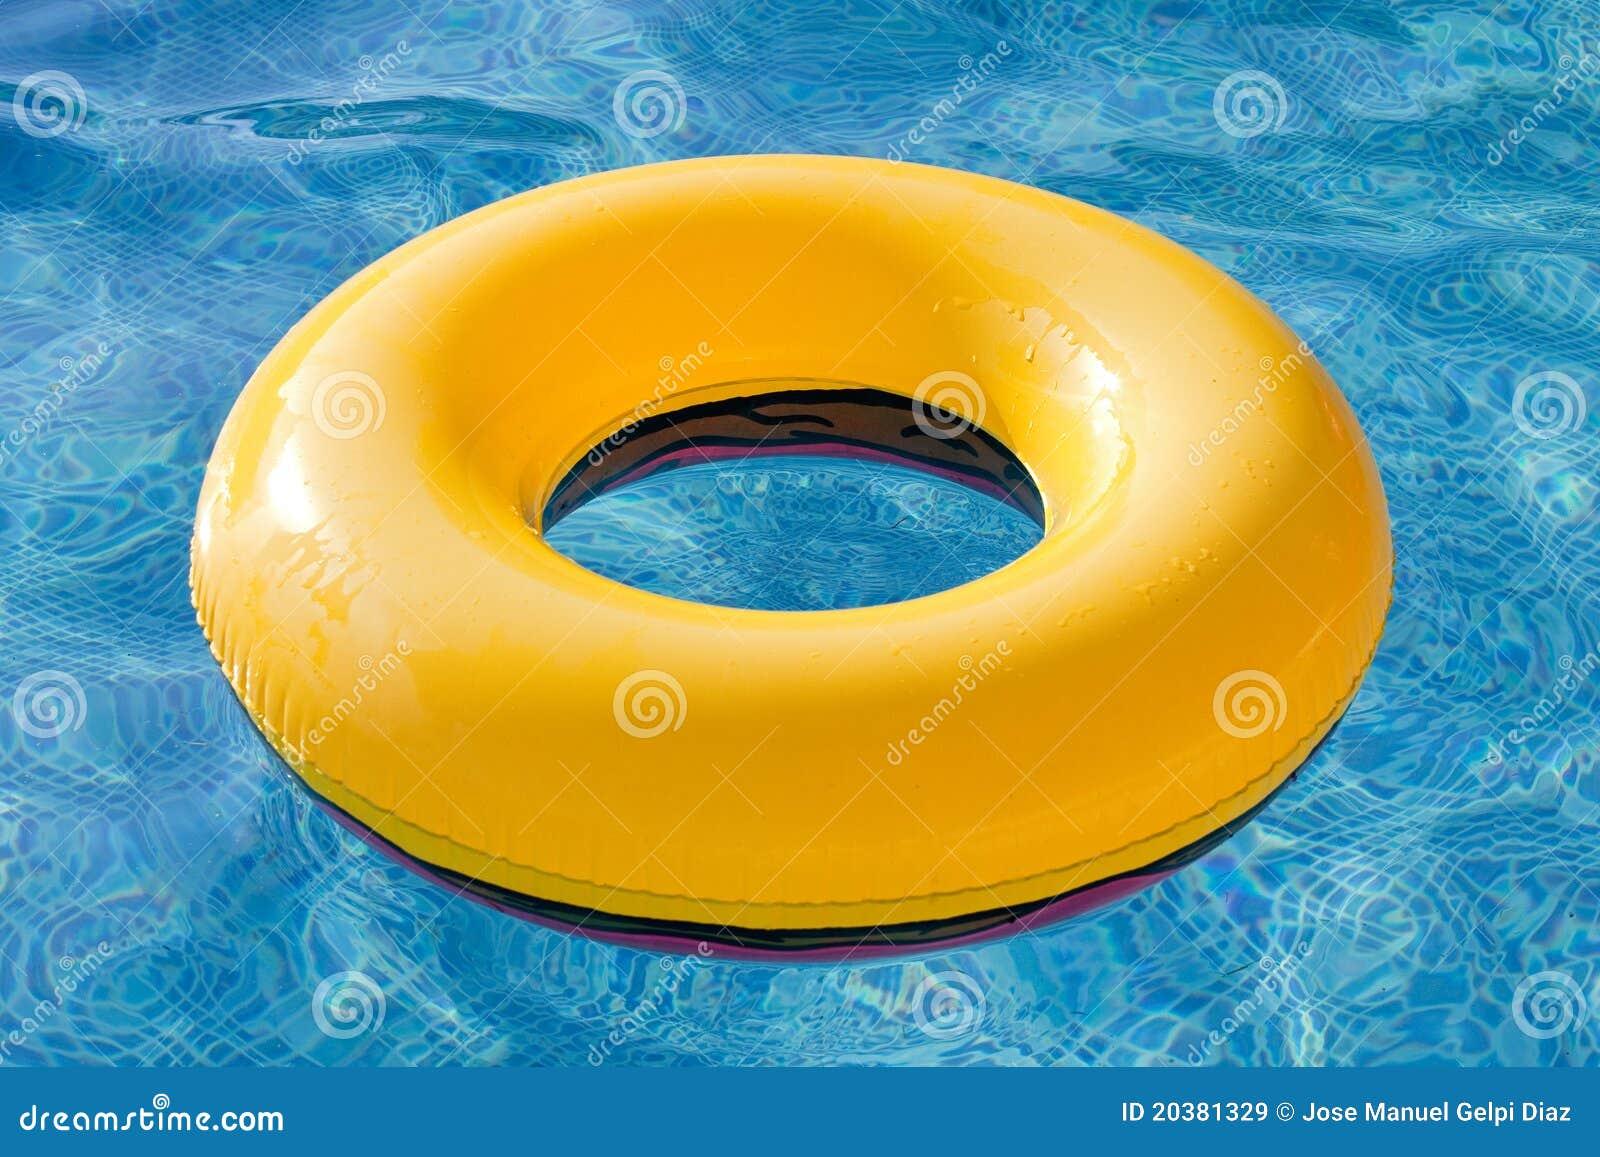 Flotador amarillo que flota en la piscina imagen de for Flotadores para piscinas